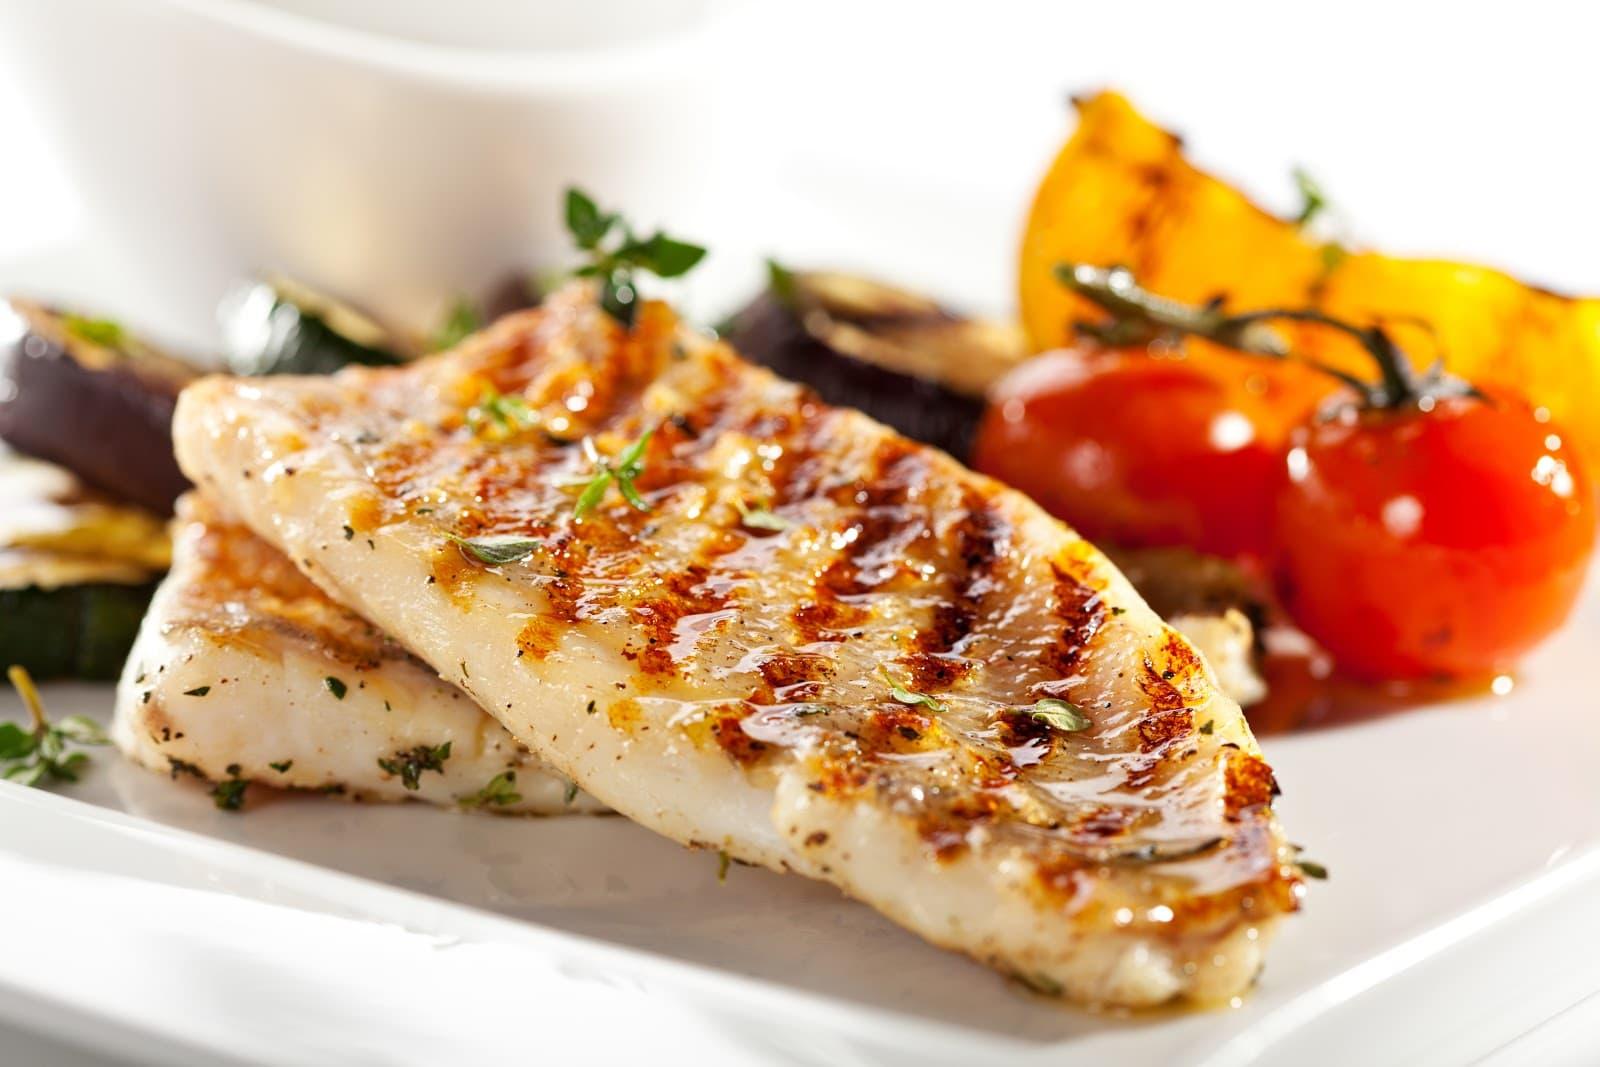 Prato de filé de peixe com verduras